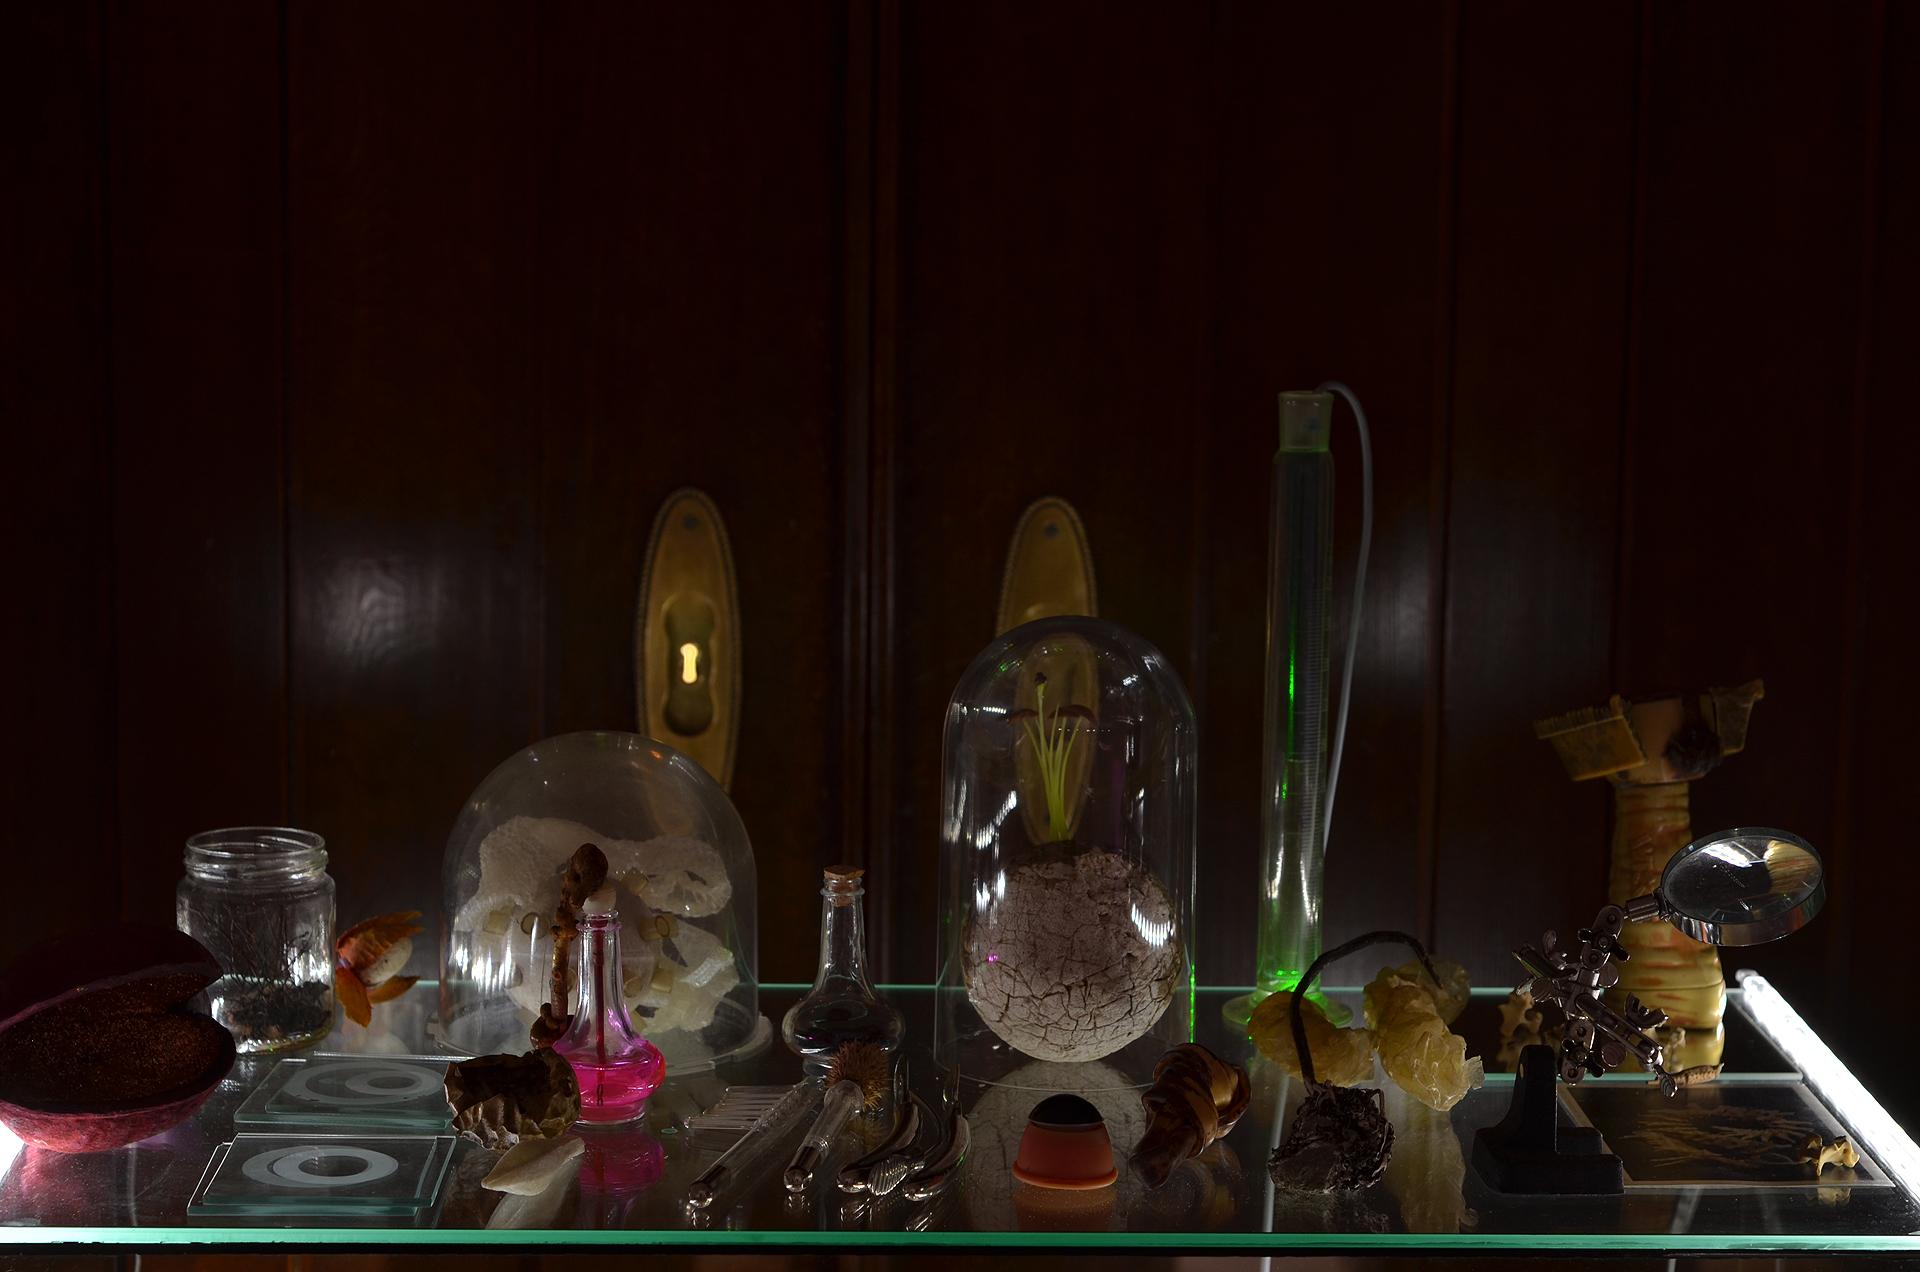 Ausstellungsansicht der Installation Transnature von Stefan Zoellner im Haus am Werderplatz, Heidelberg | Das Labor, Details